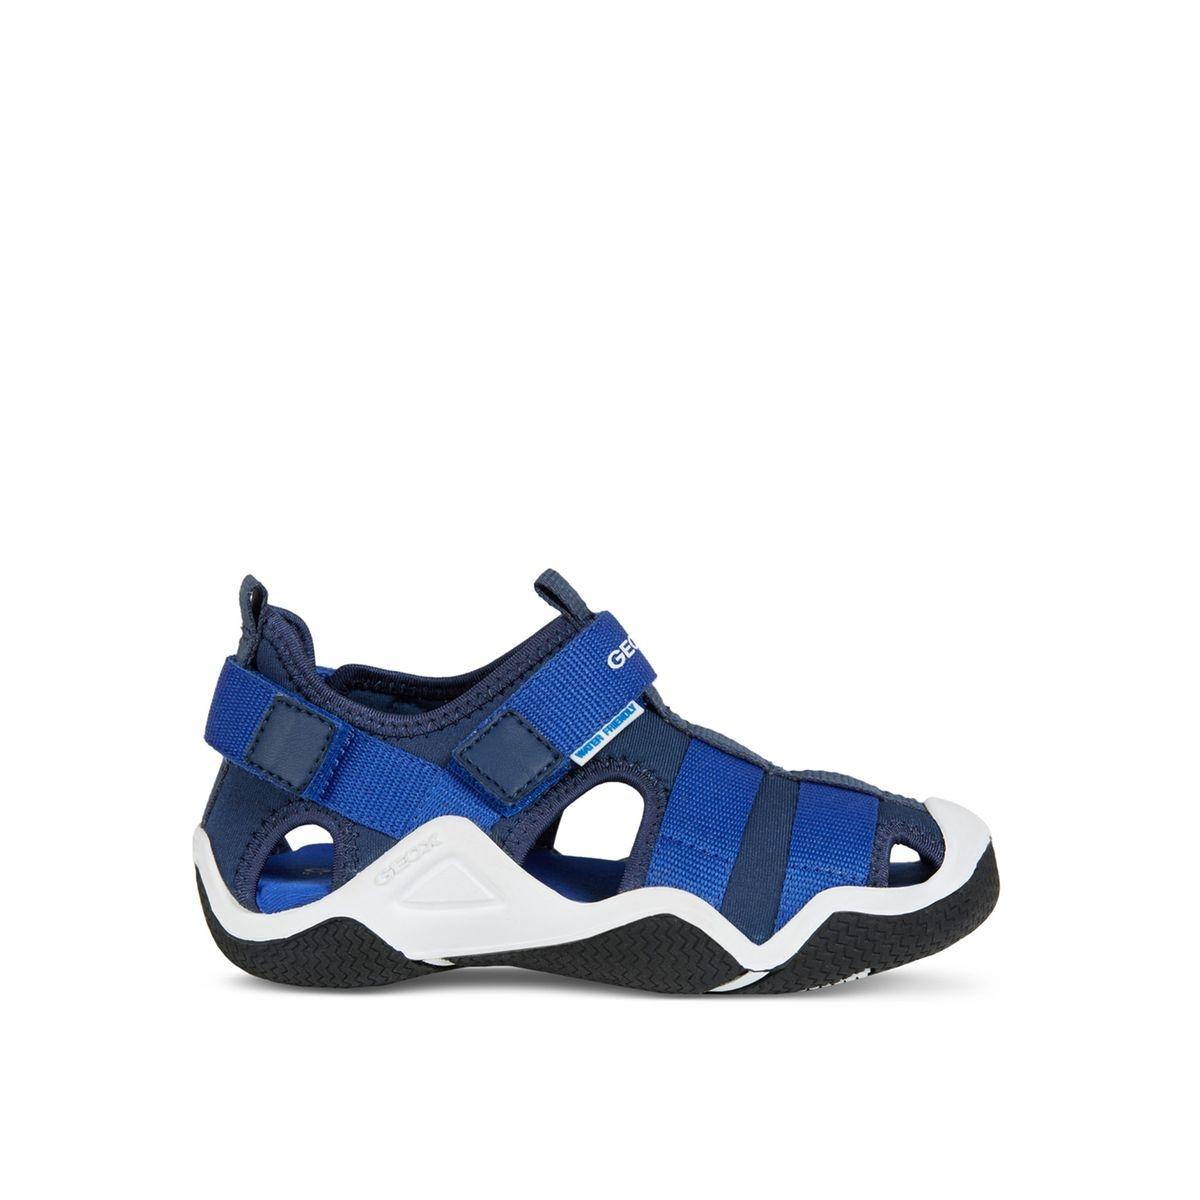 Sandales respirantes Wader